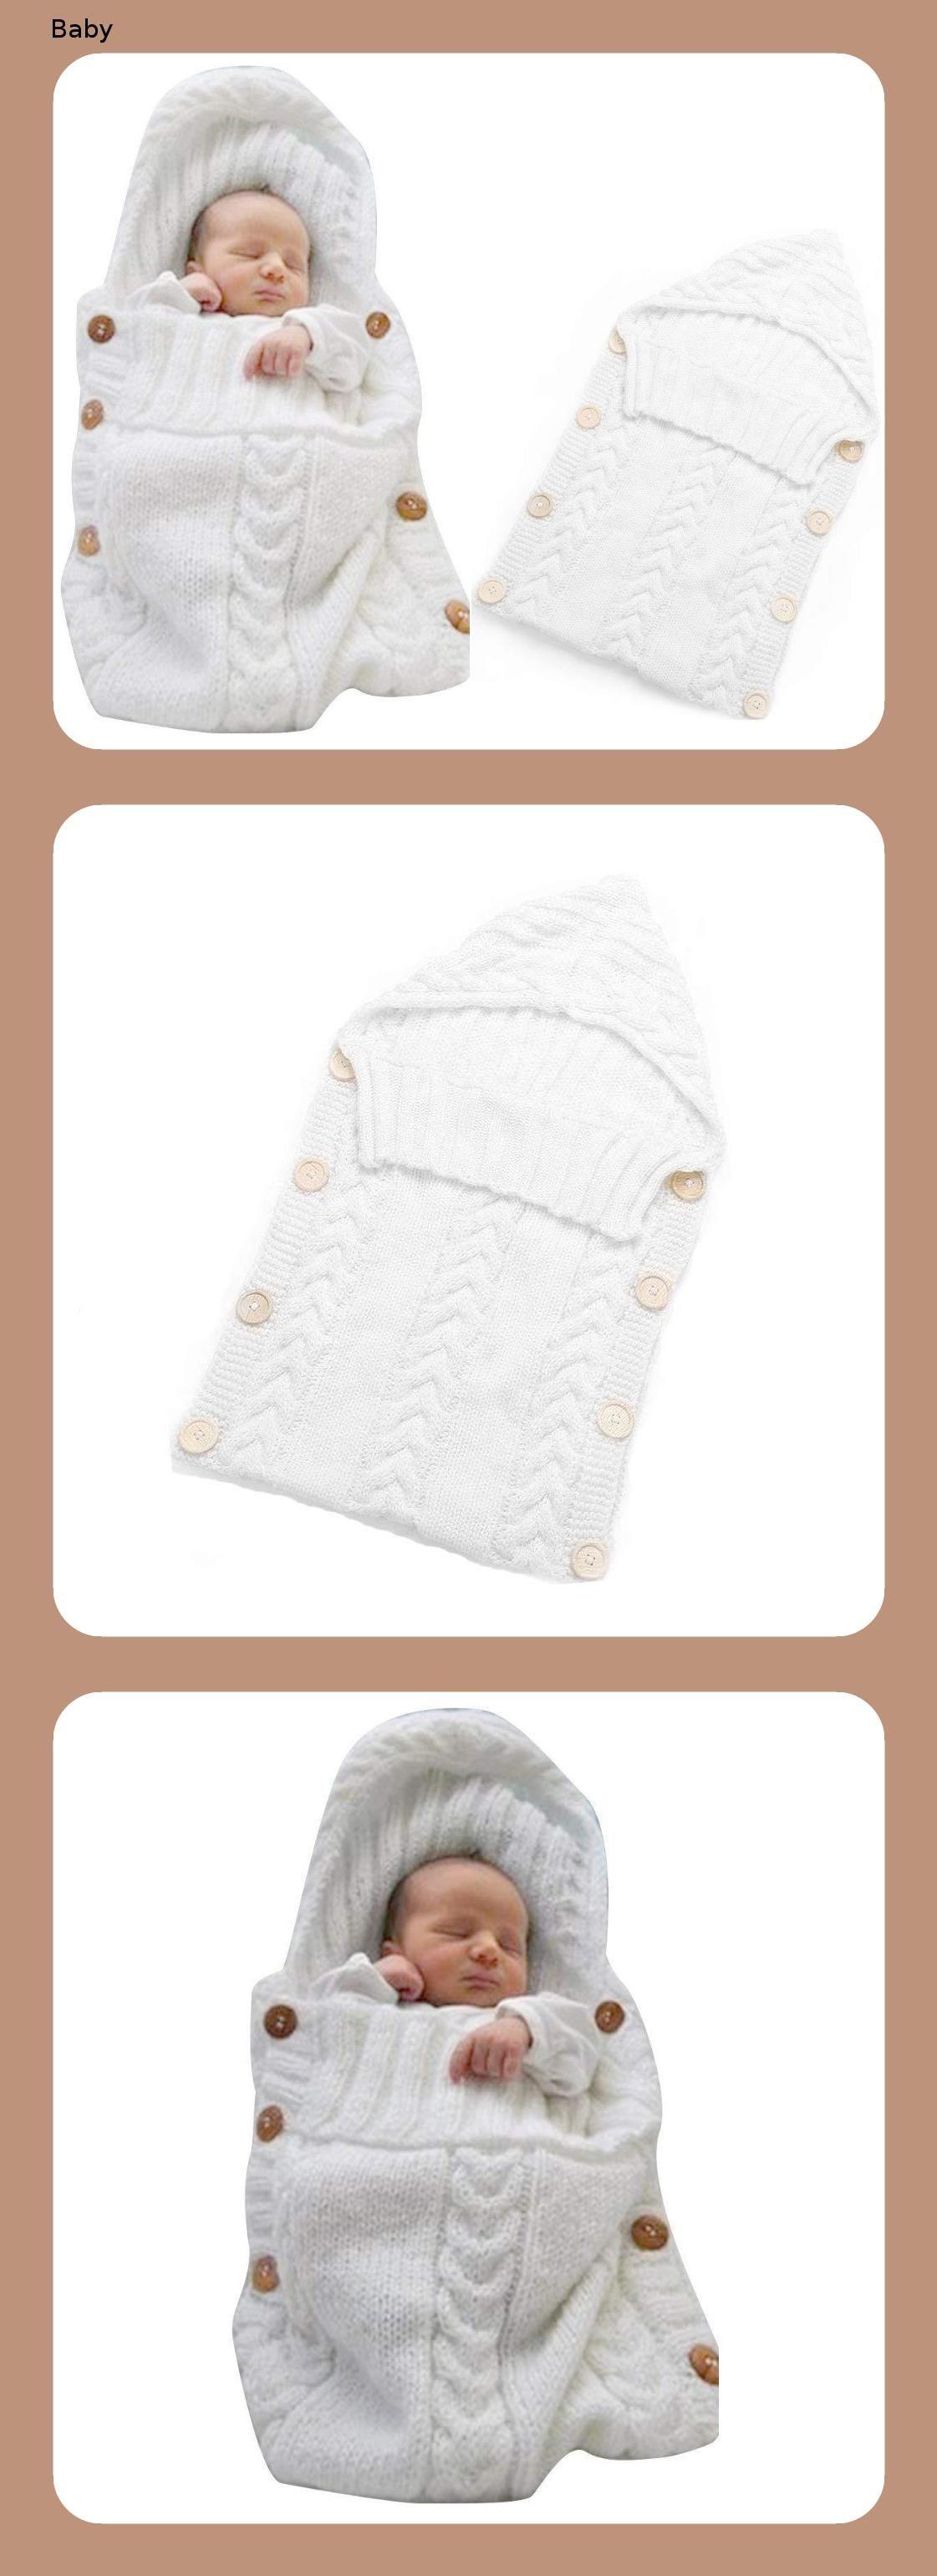 Neugeborenes Baby Gestrickt Wickeln Swaddle Decke Schlafsack Fur 0